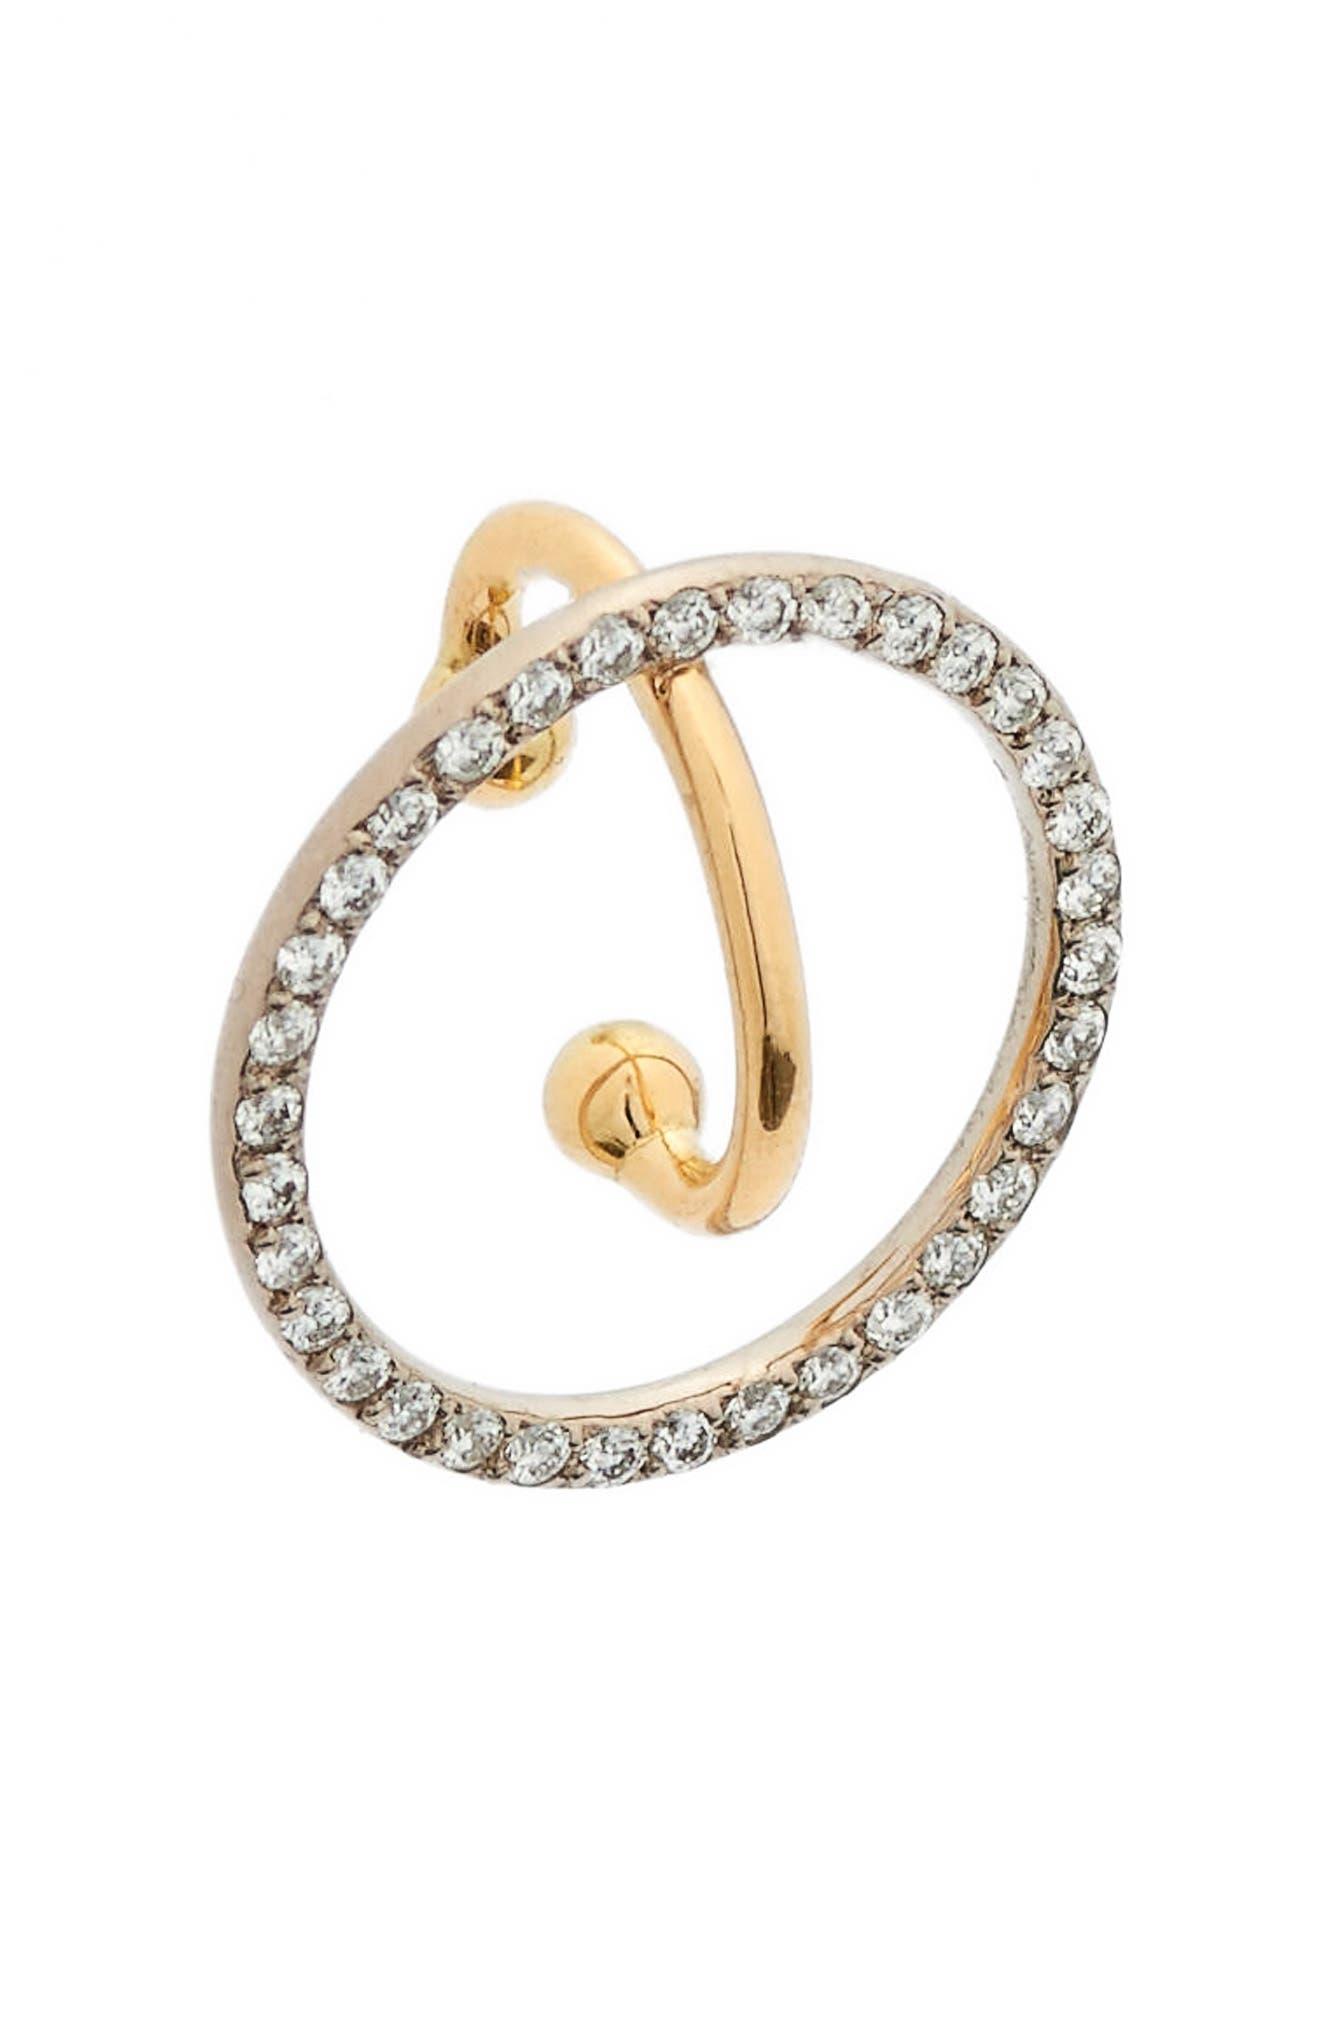 Main Image - Charlotte Chesnais Celeste Diamond Earring